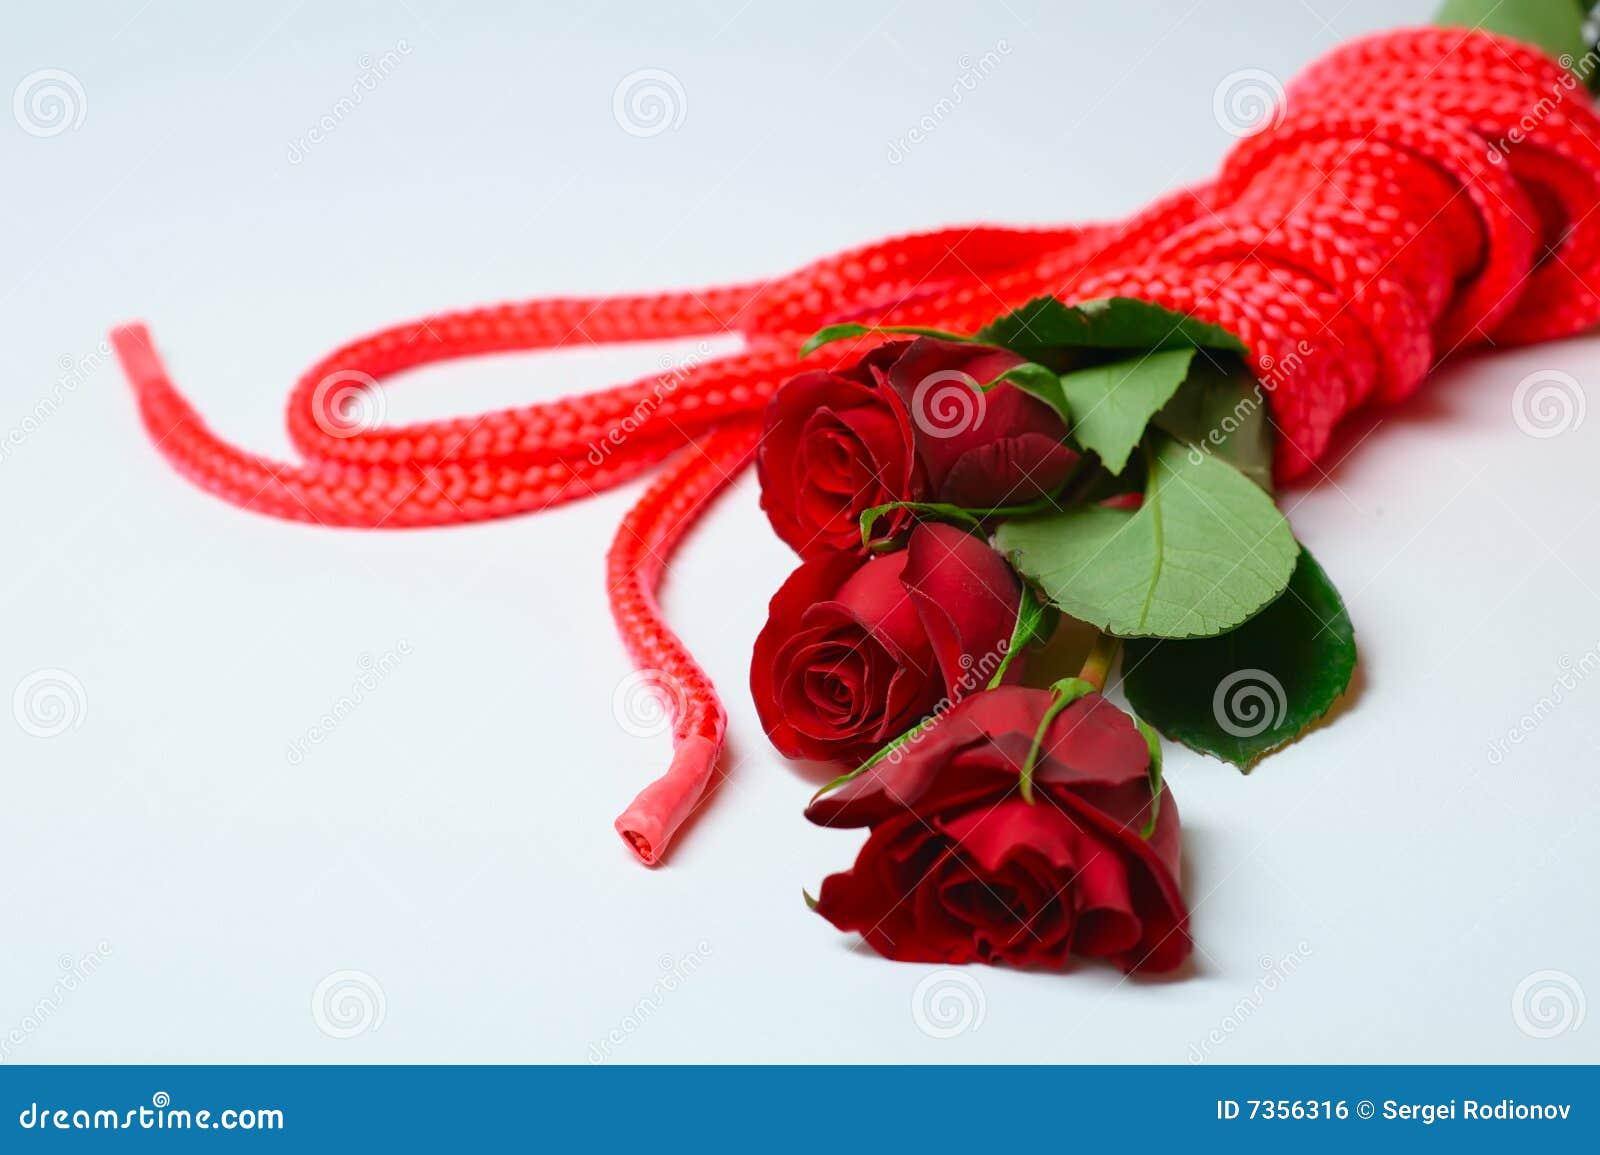 Roses And Ropes Stock Photo Image Of Bondage Rose Close